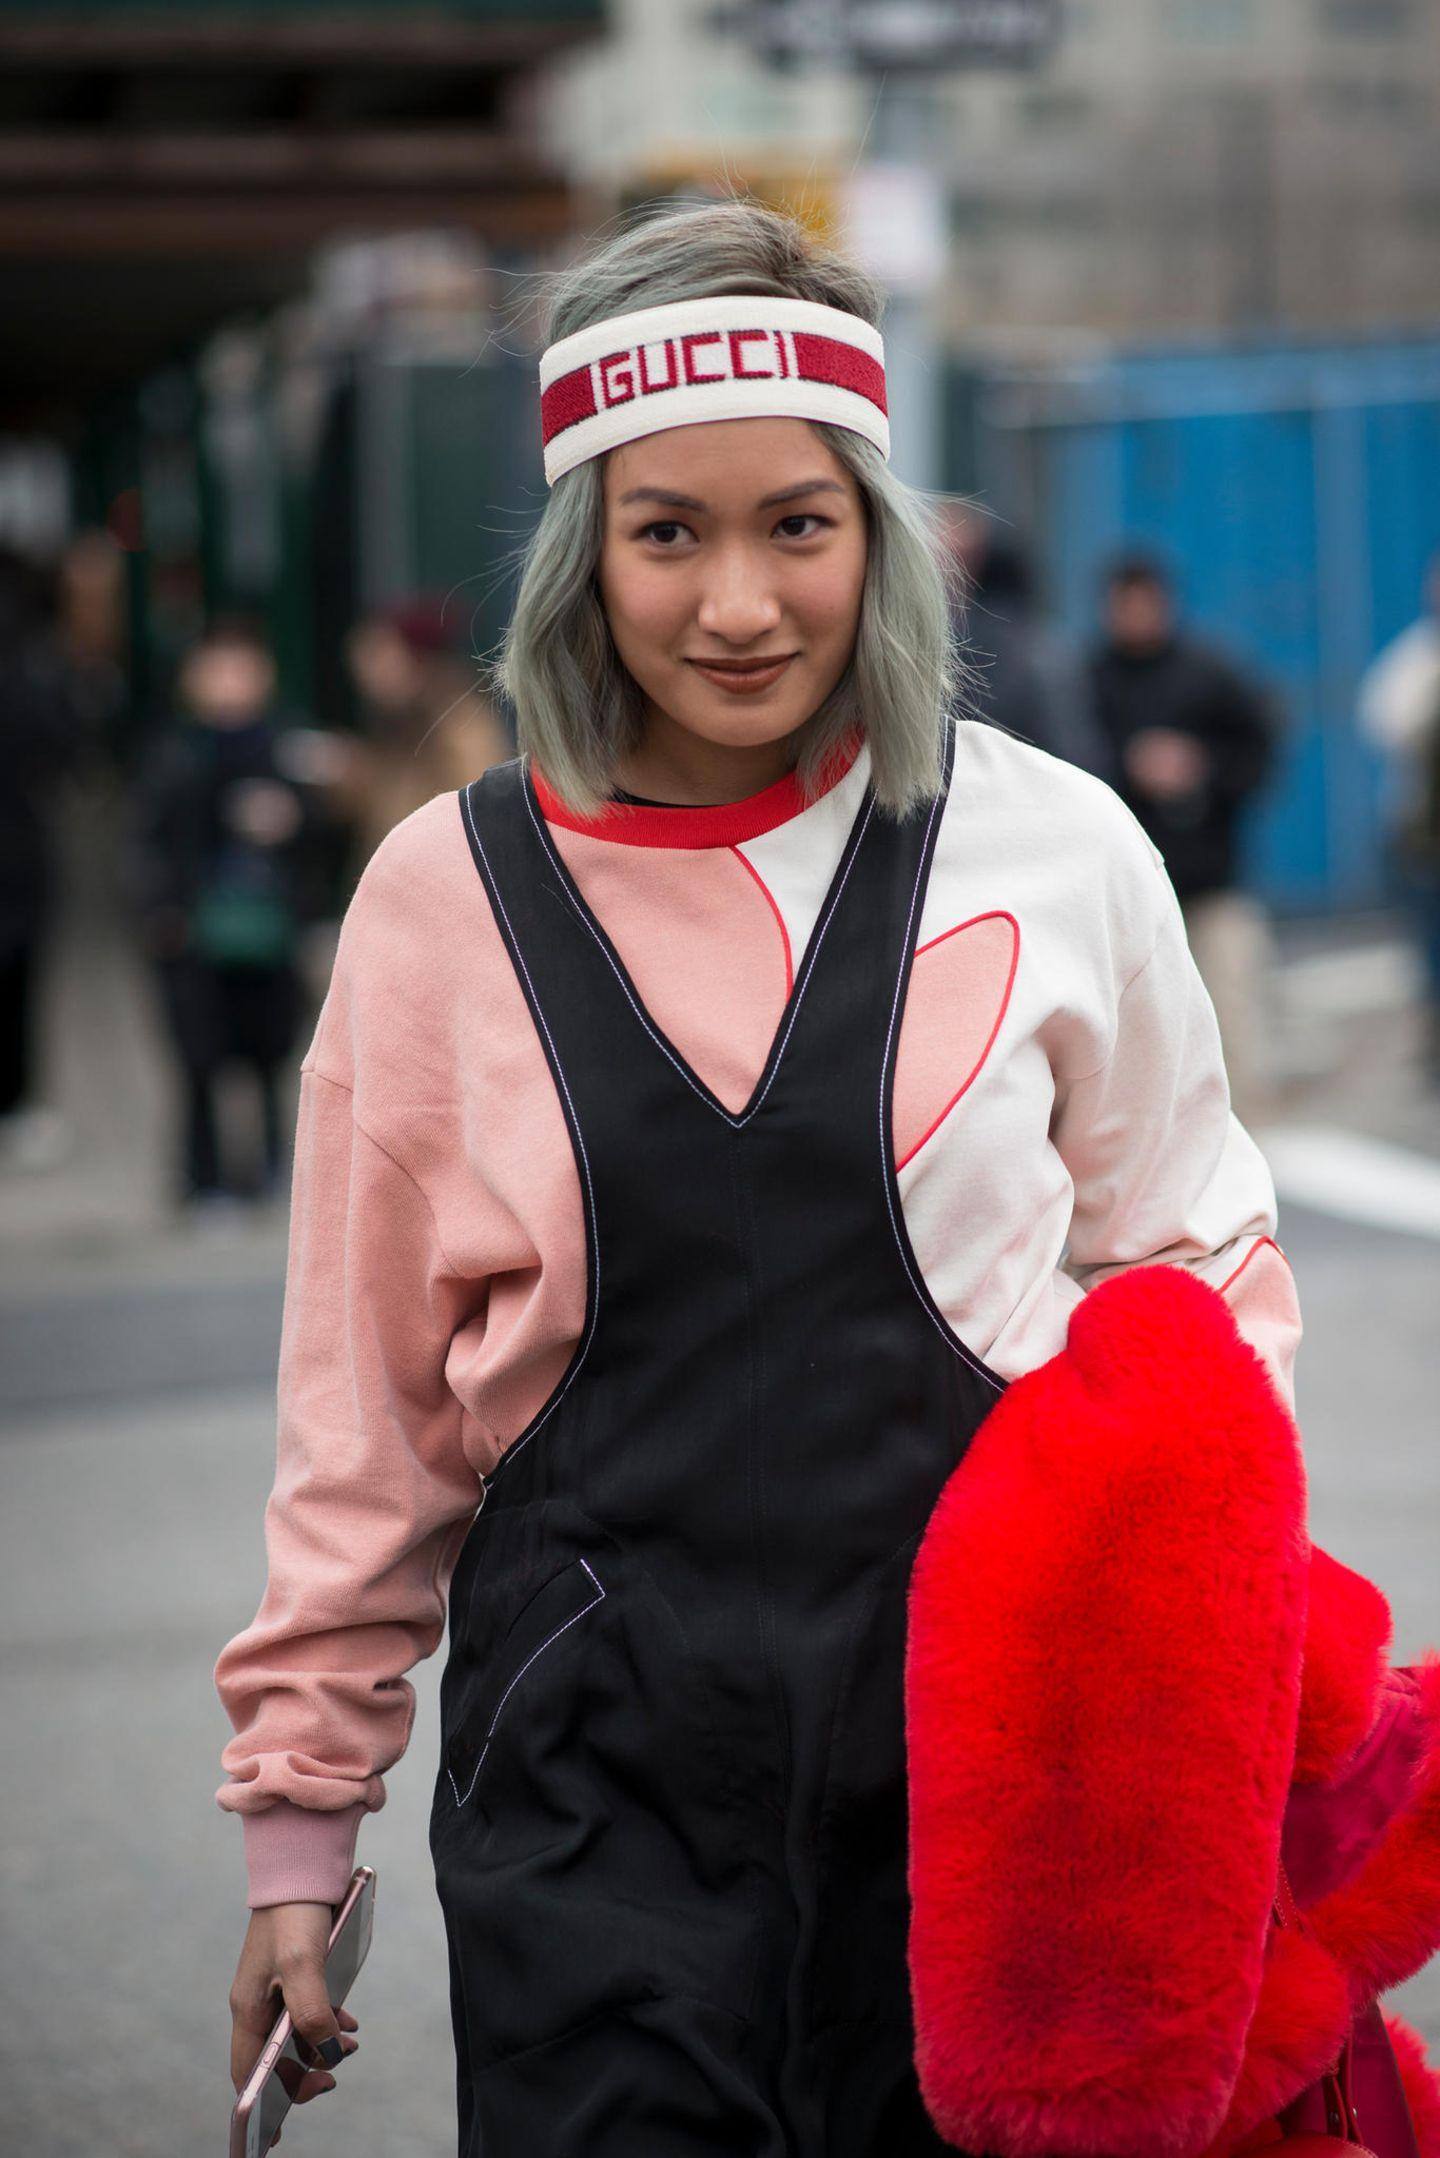 Winter-Frisuren: Frau mit Stirnband